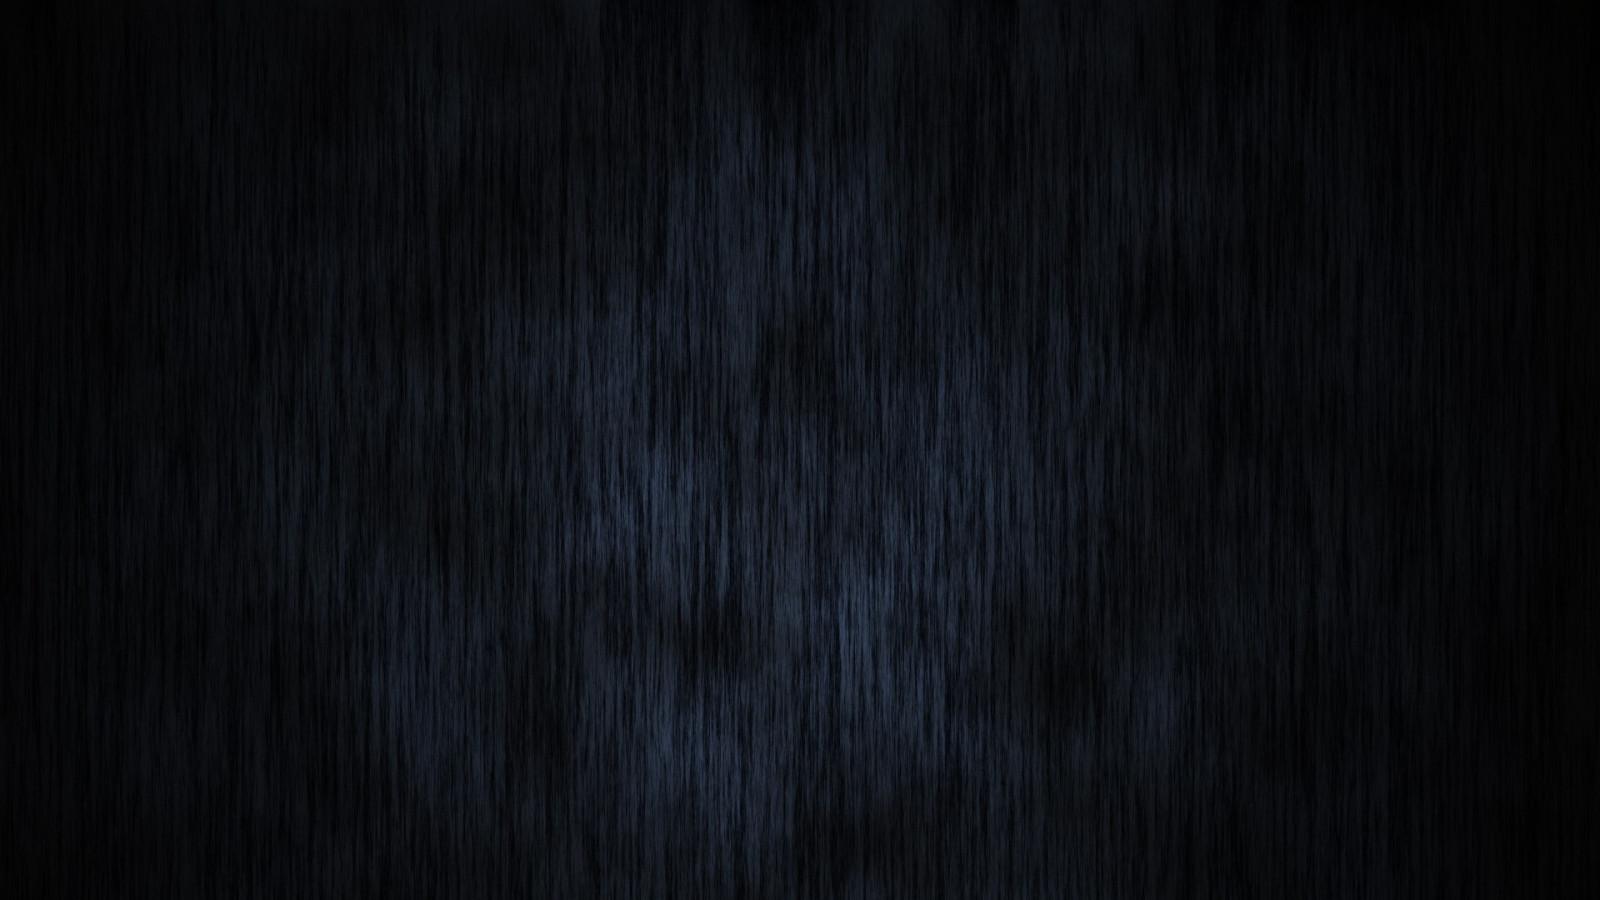 Papel De Parede 1920x1080 Px Playerunknowns: Papel De Parede : Monocromático, Noite, Abstrato, Espaço